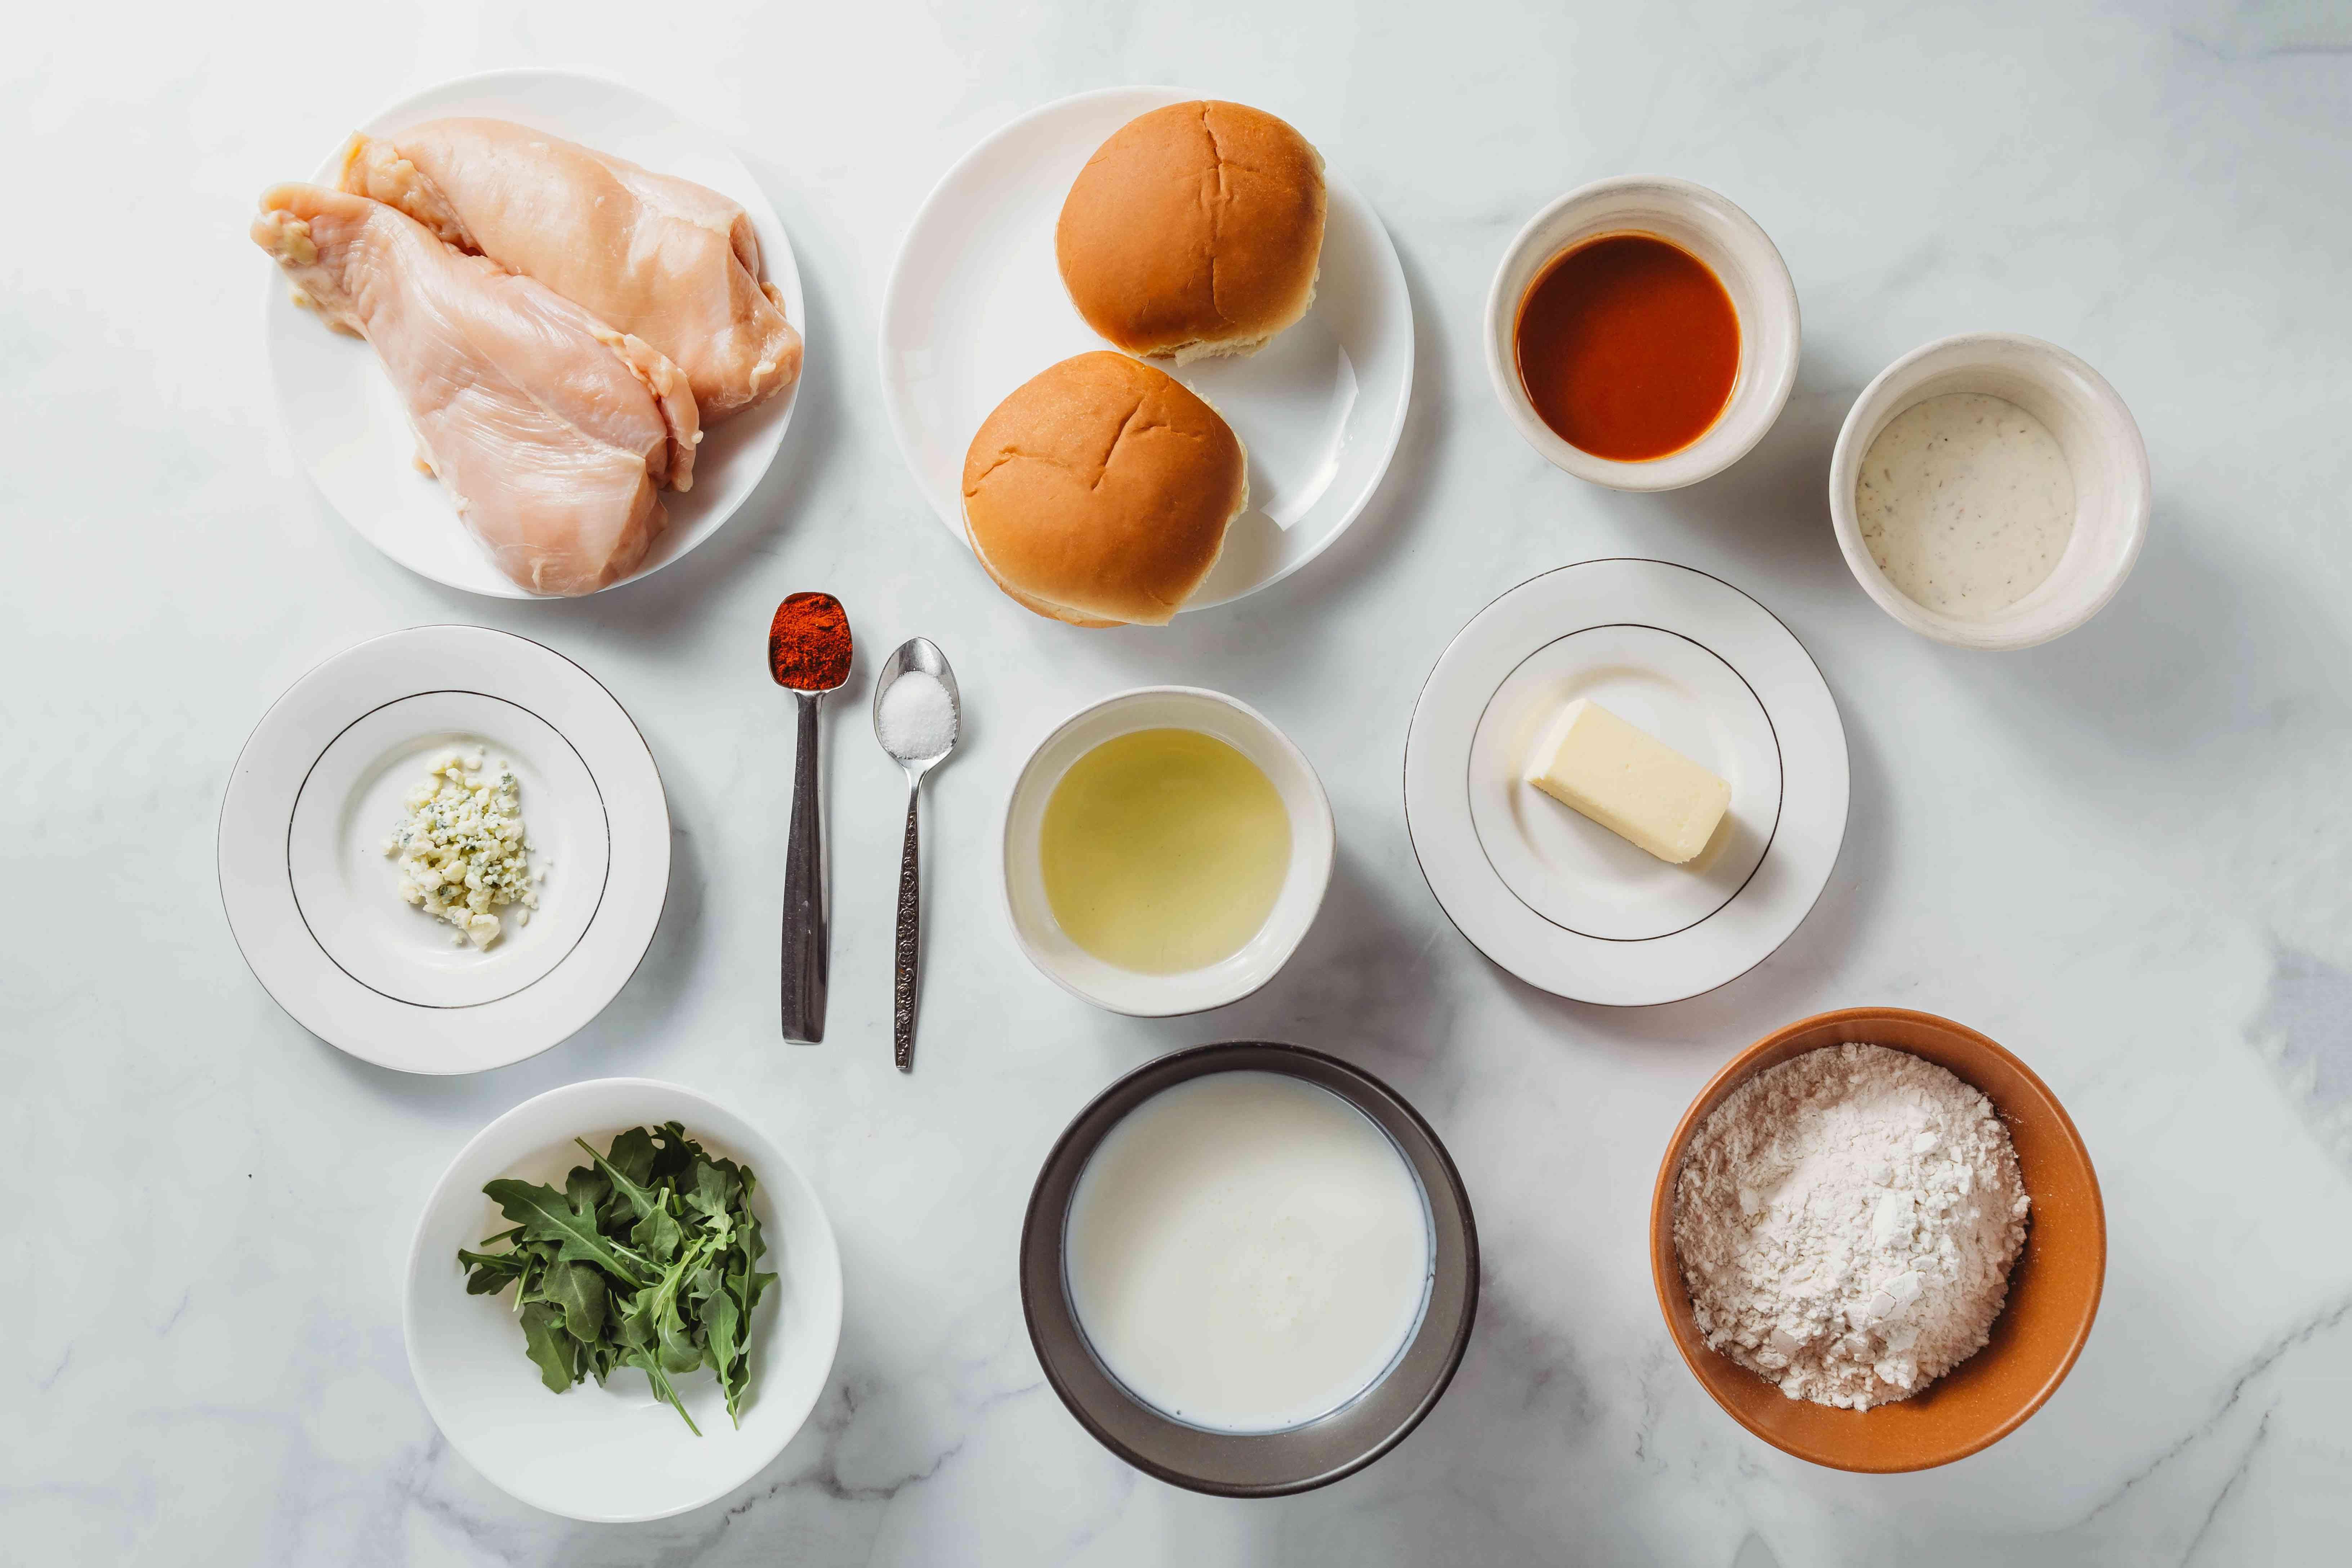 Buffalo Chicken Sandwich ingredients